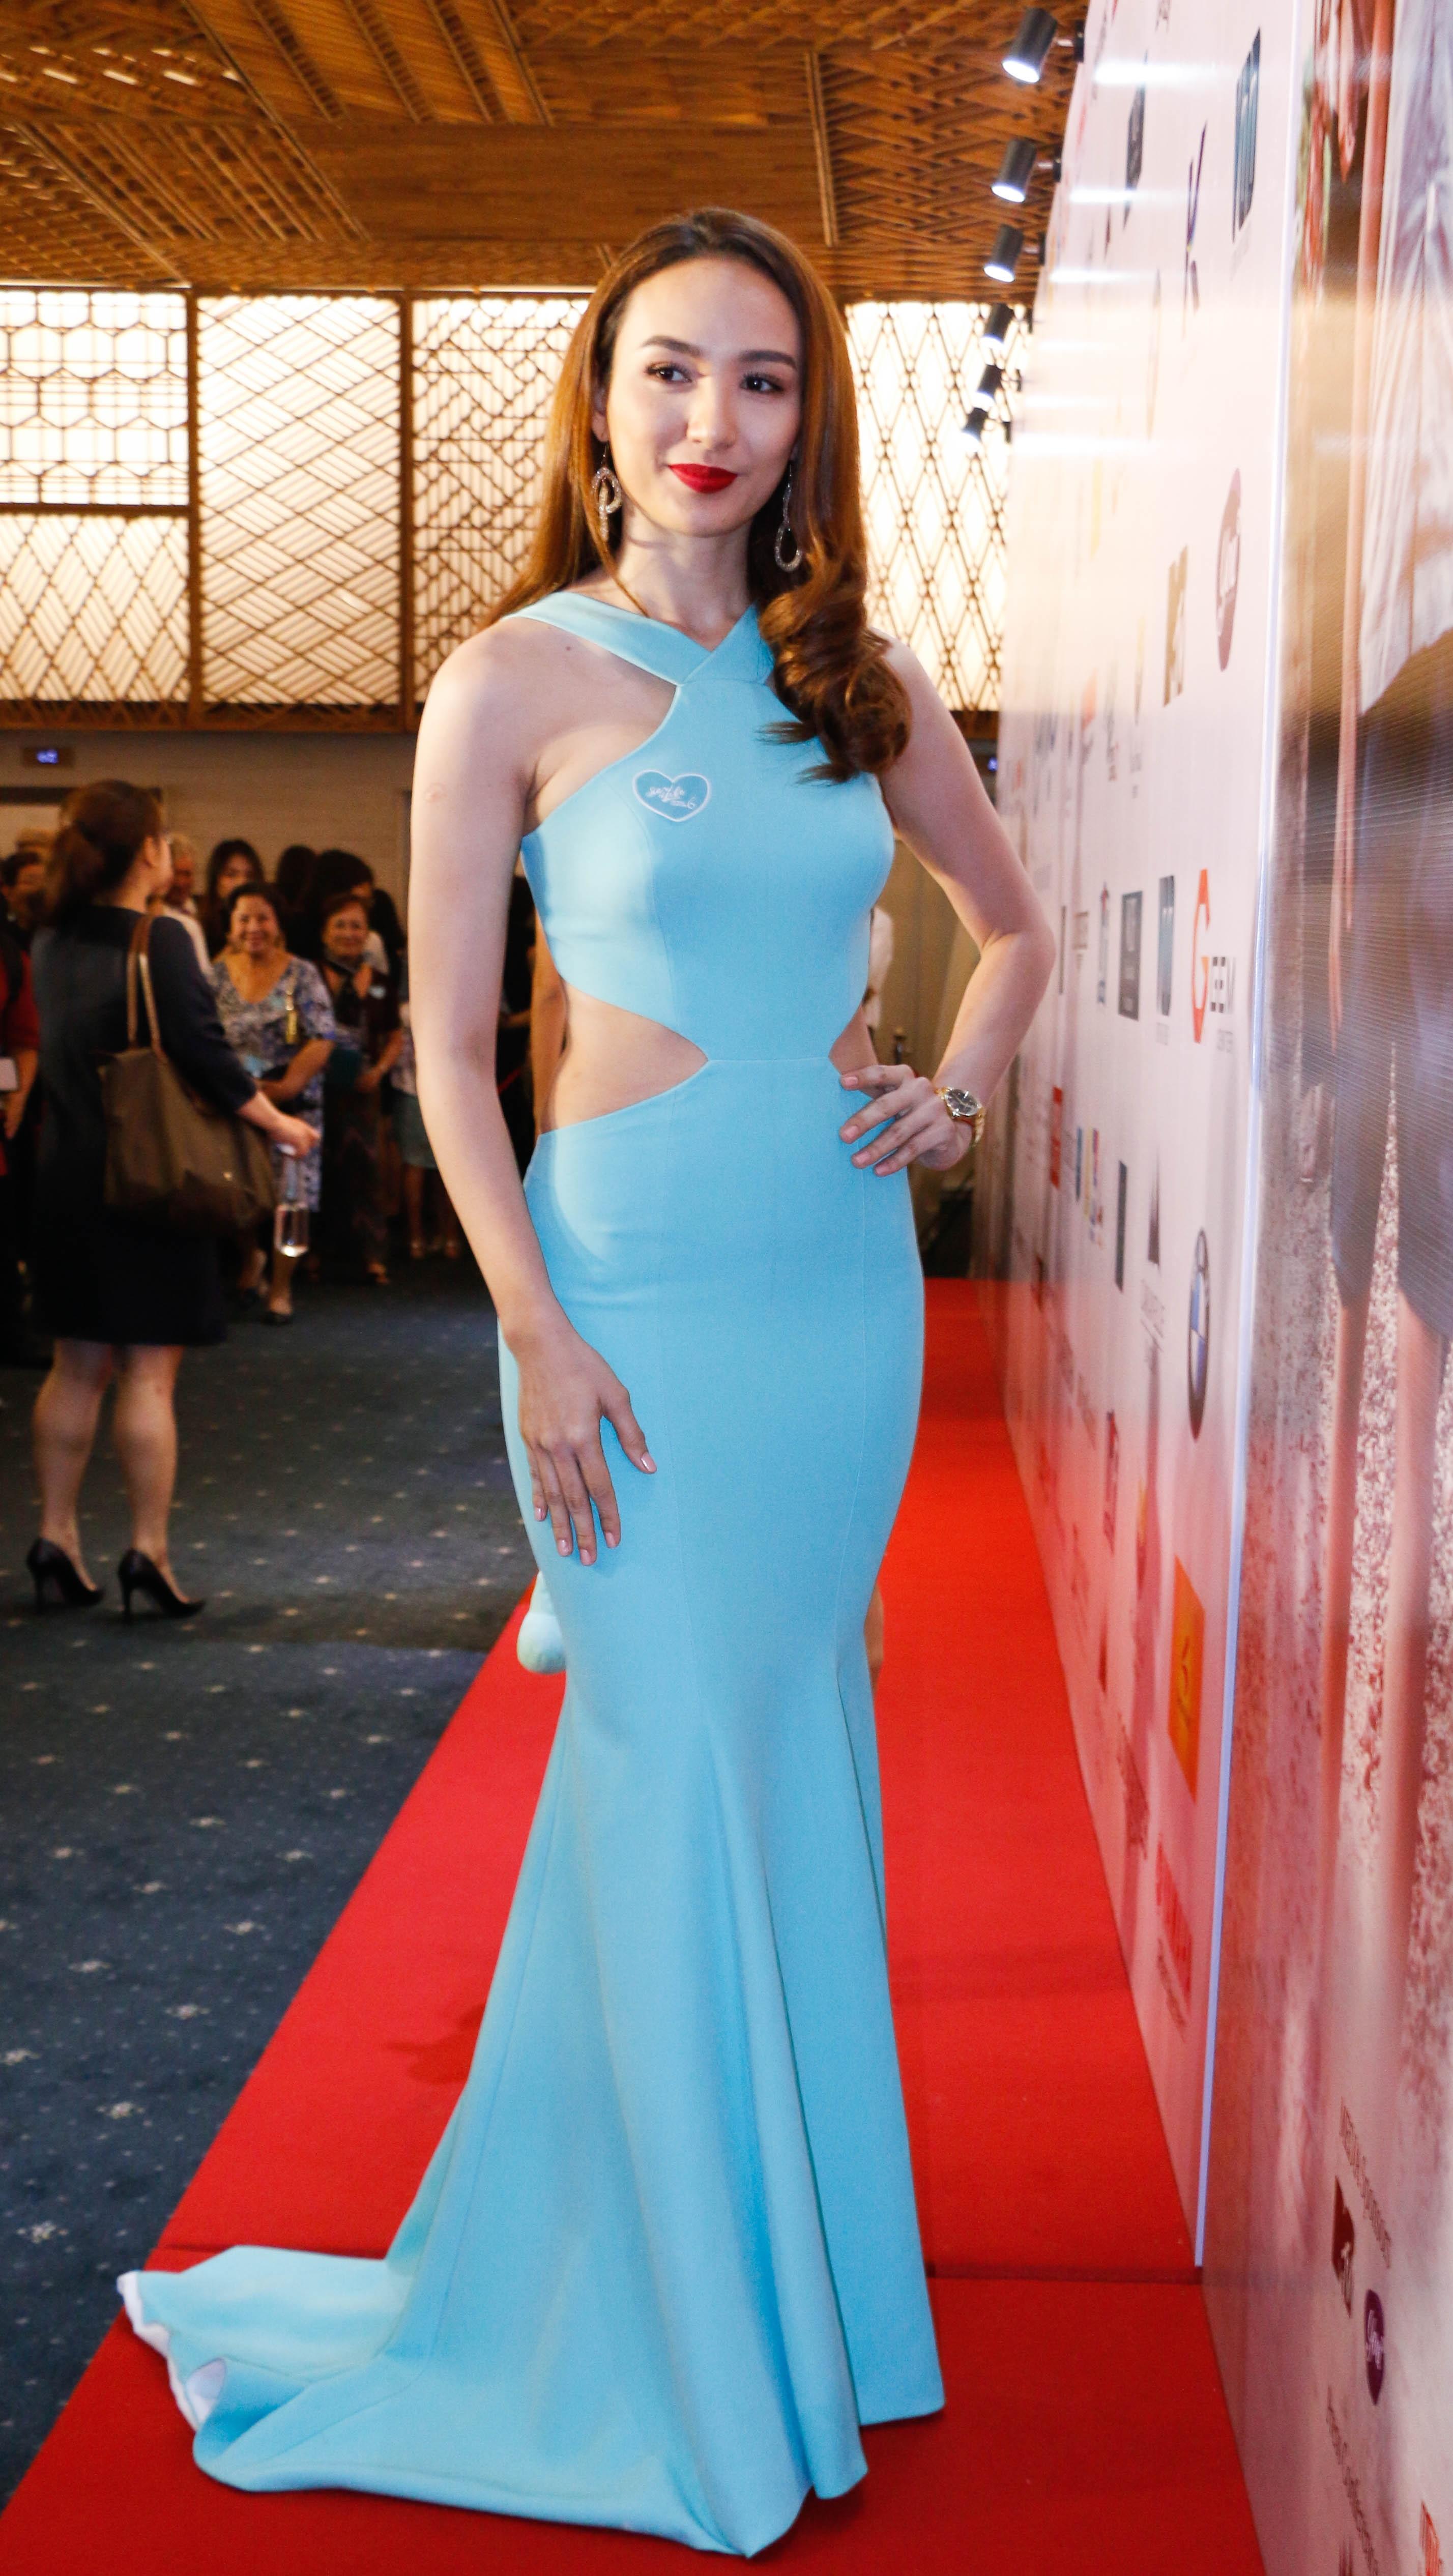 Hoa hậu Ngọc Diễm chọn bộ đầm xanh đơn giản với phần đuôi cá xúng xính.